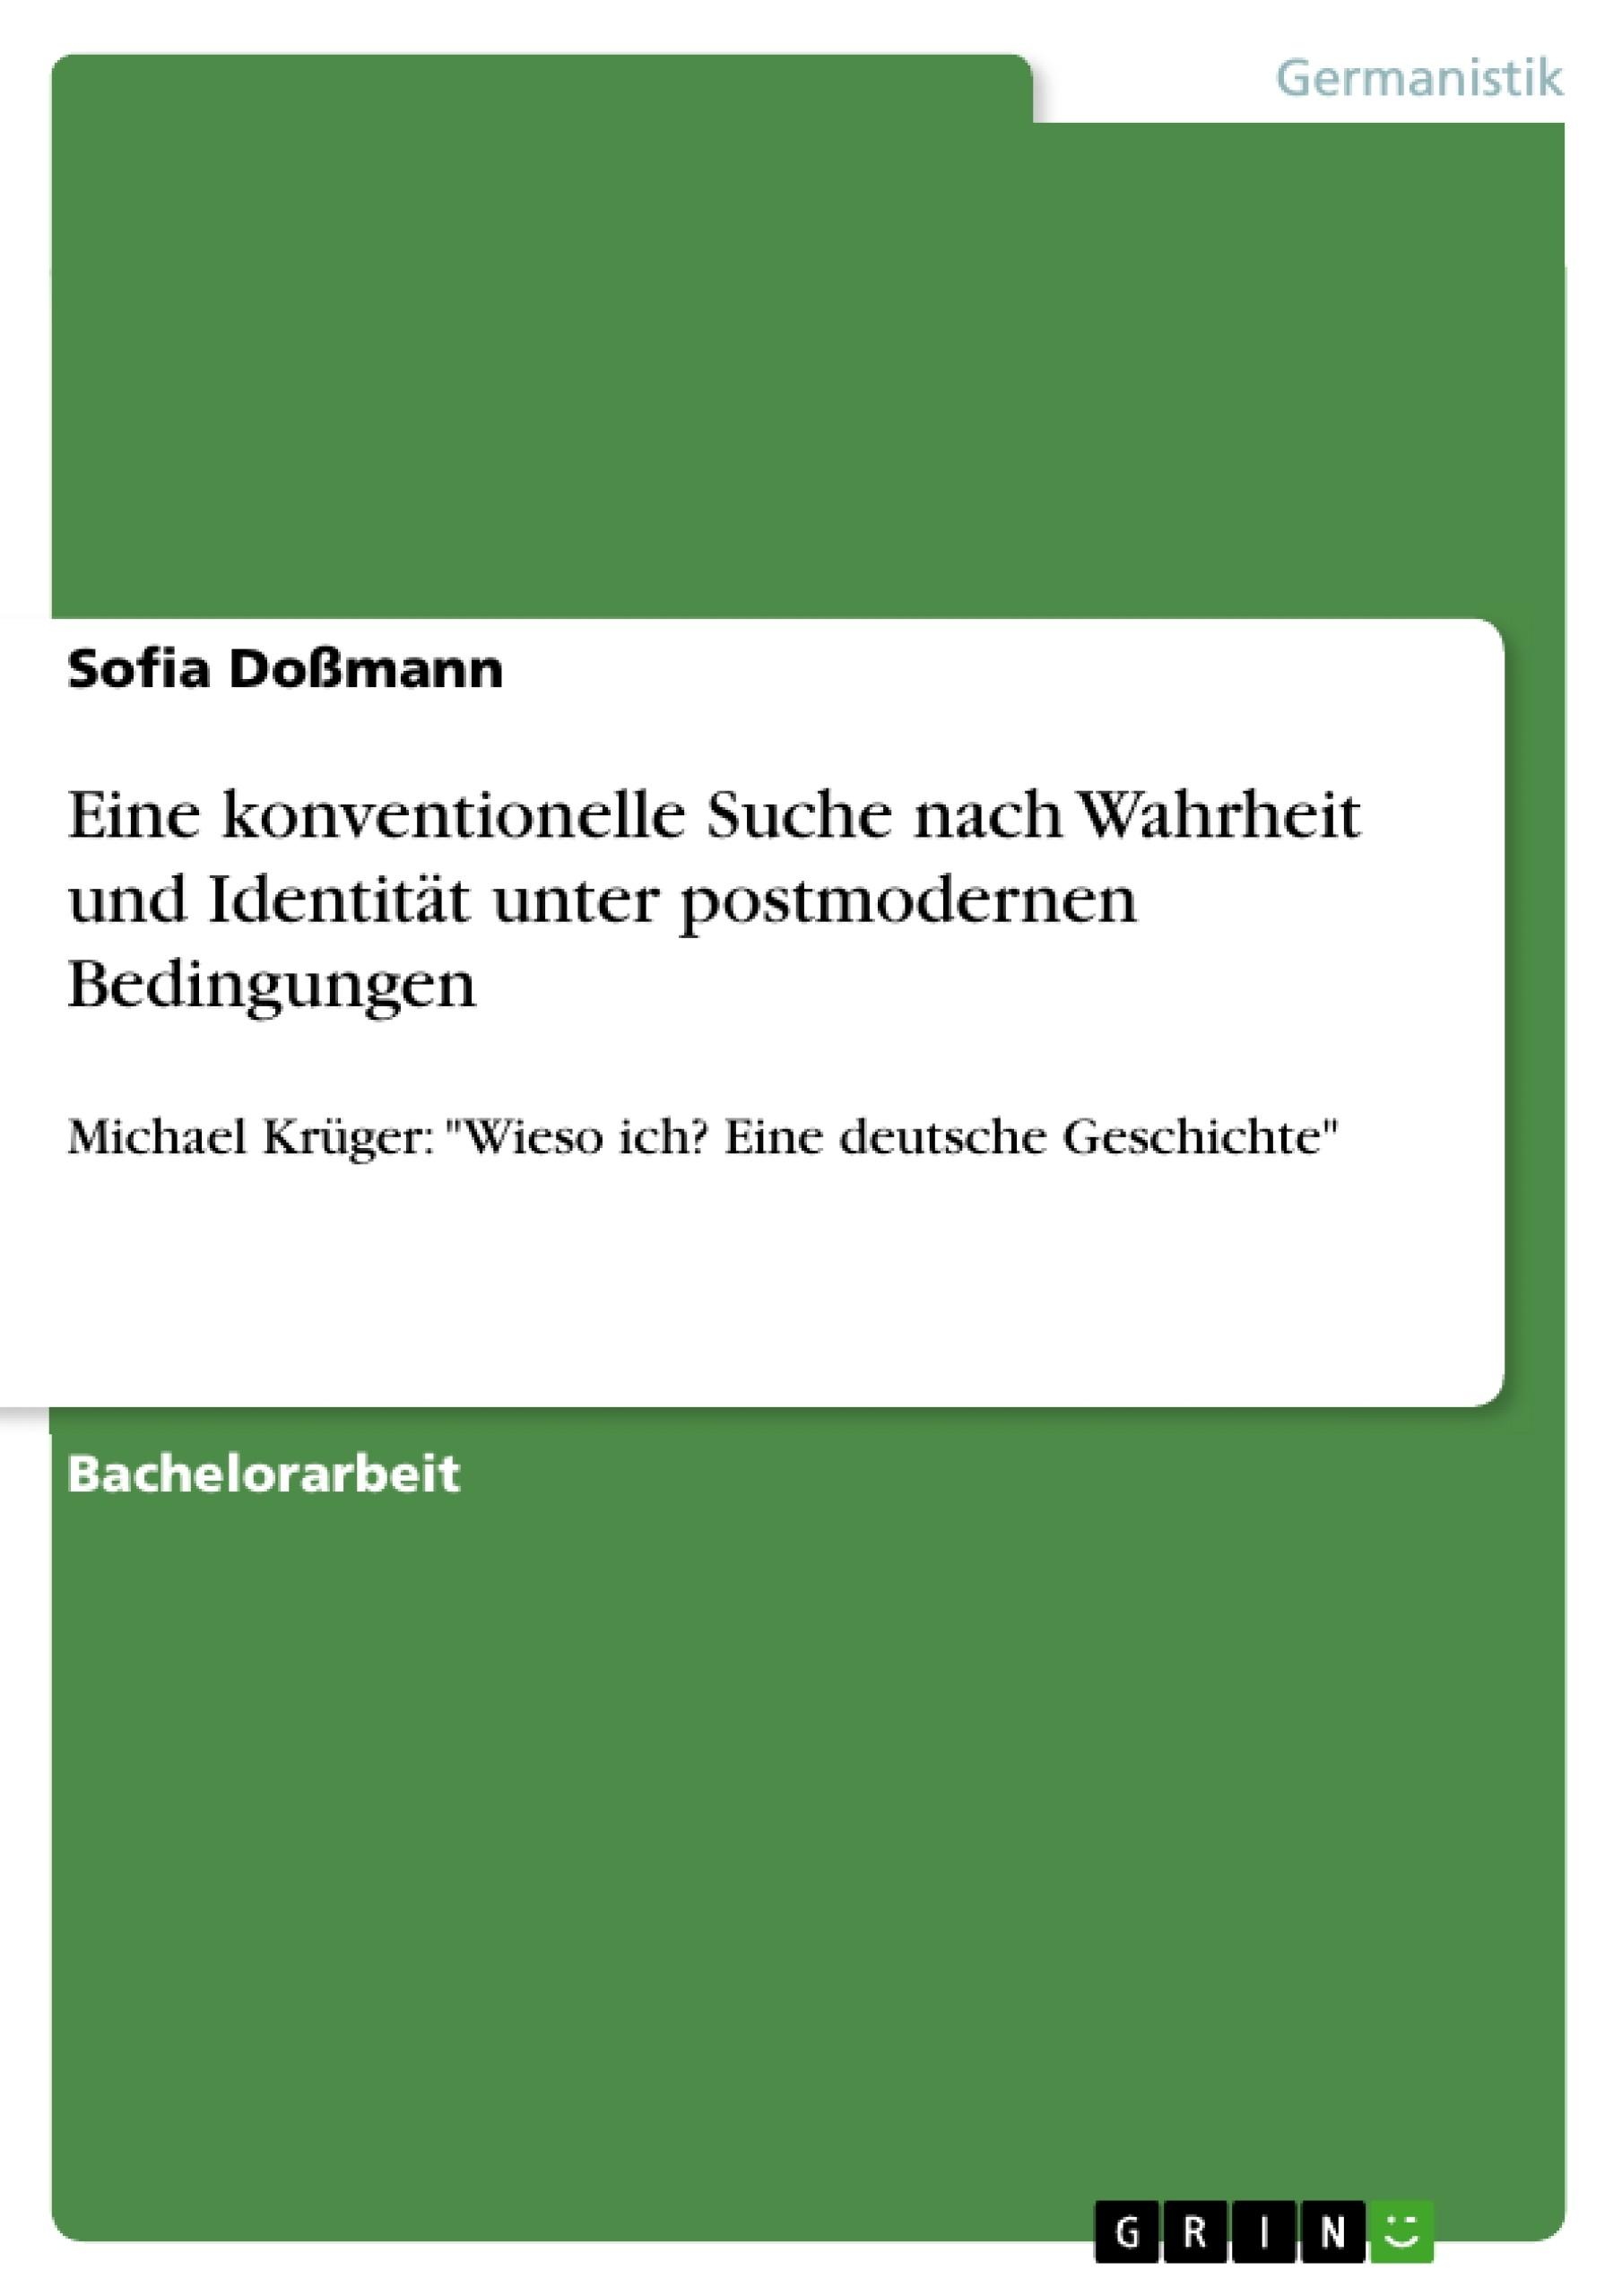 Titel: Eine konventionelle Suche nach Wahrheit und Identität unter postmodernen Bedingungen